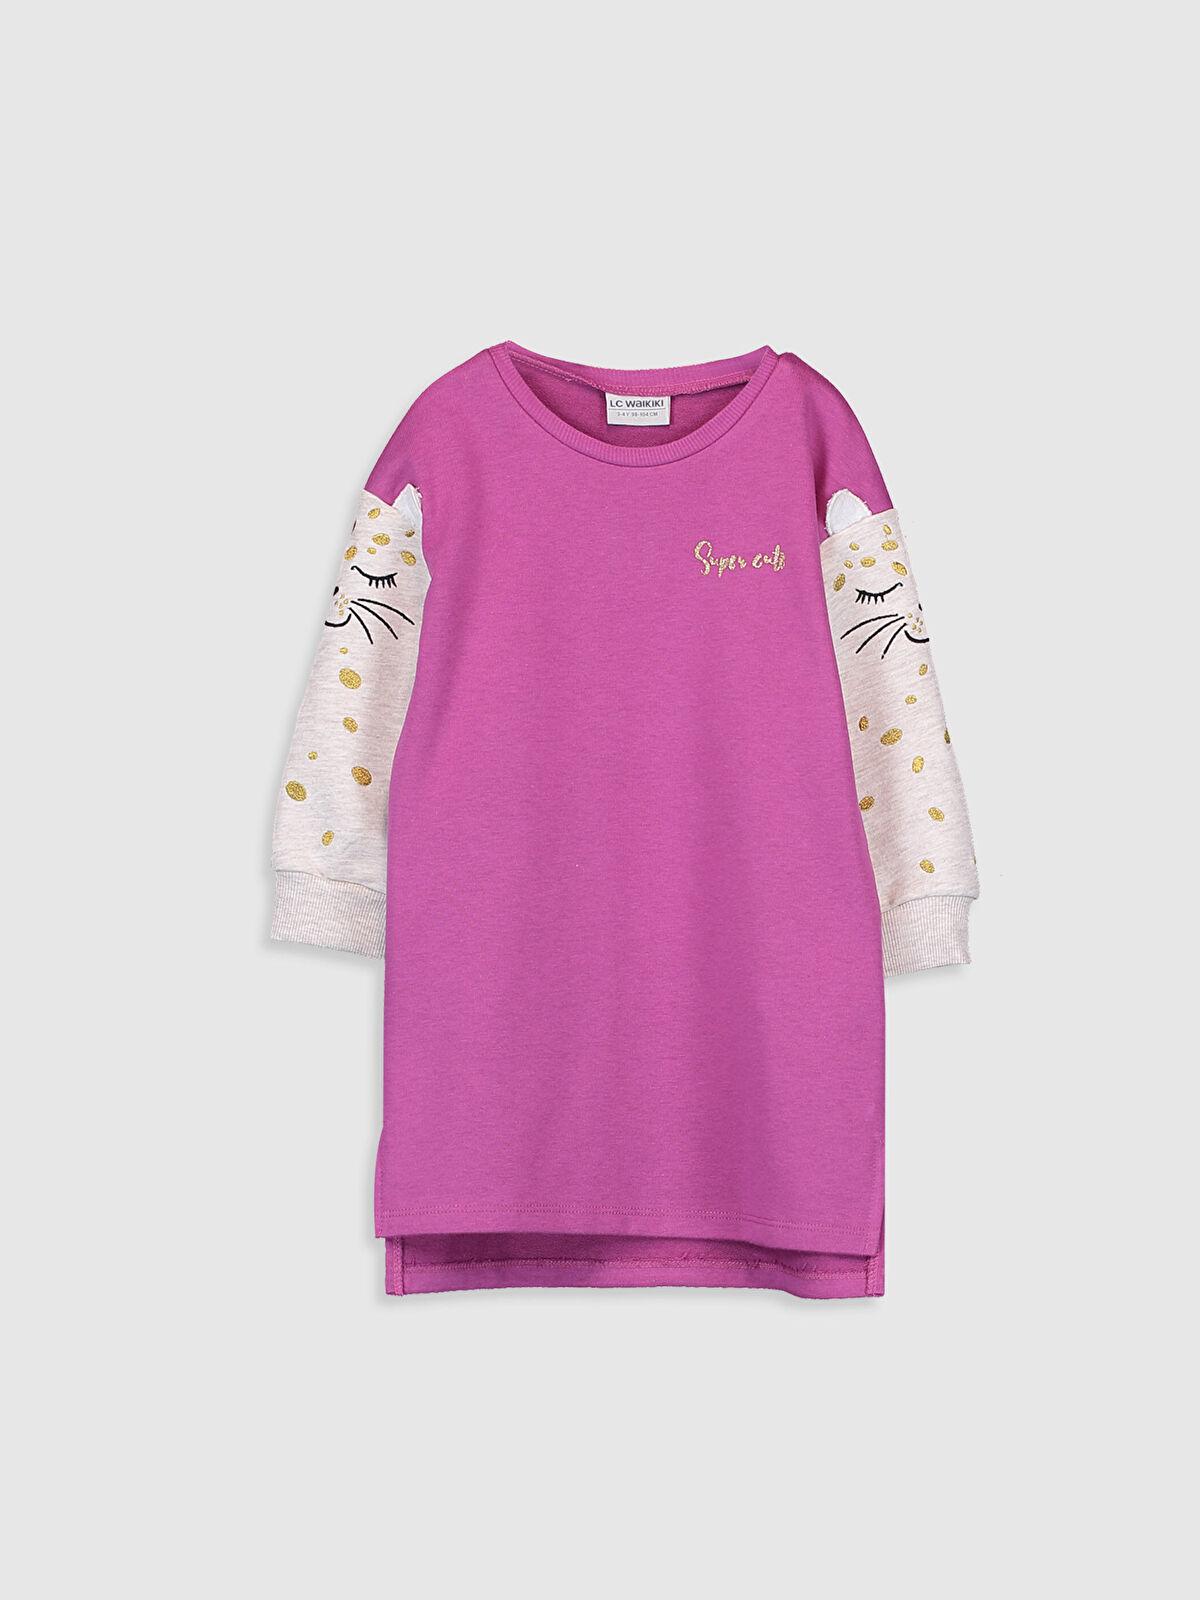 Kız Çocuk Baskılı Sweatshirt Elbise - LC WAIKIKI